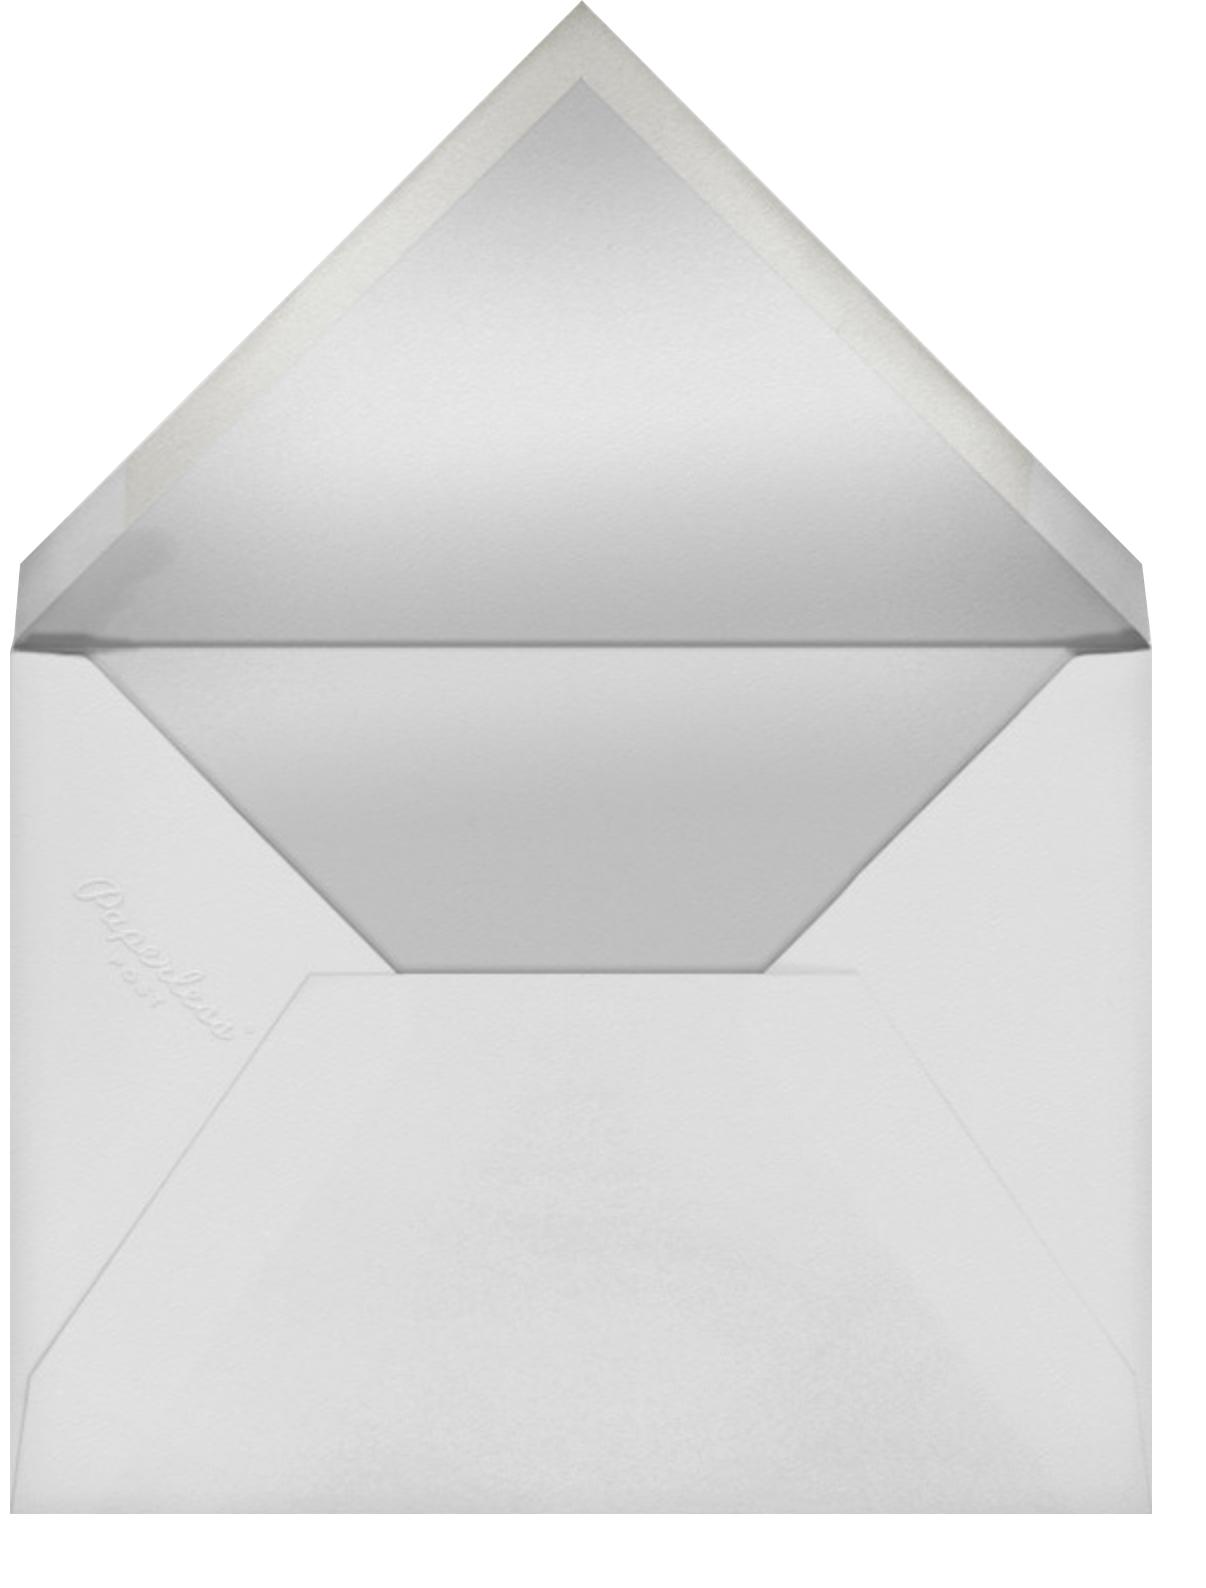 MomMomMom - Paperless Post - Mother's Day - envelope back